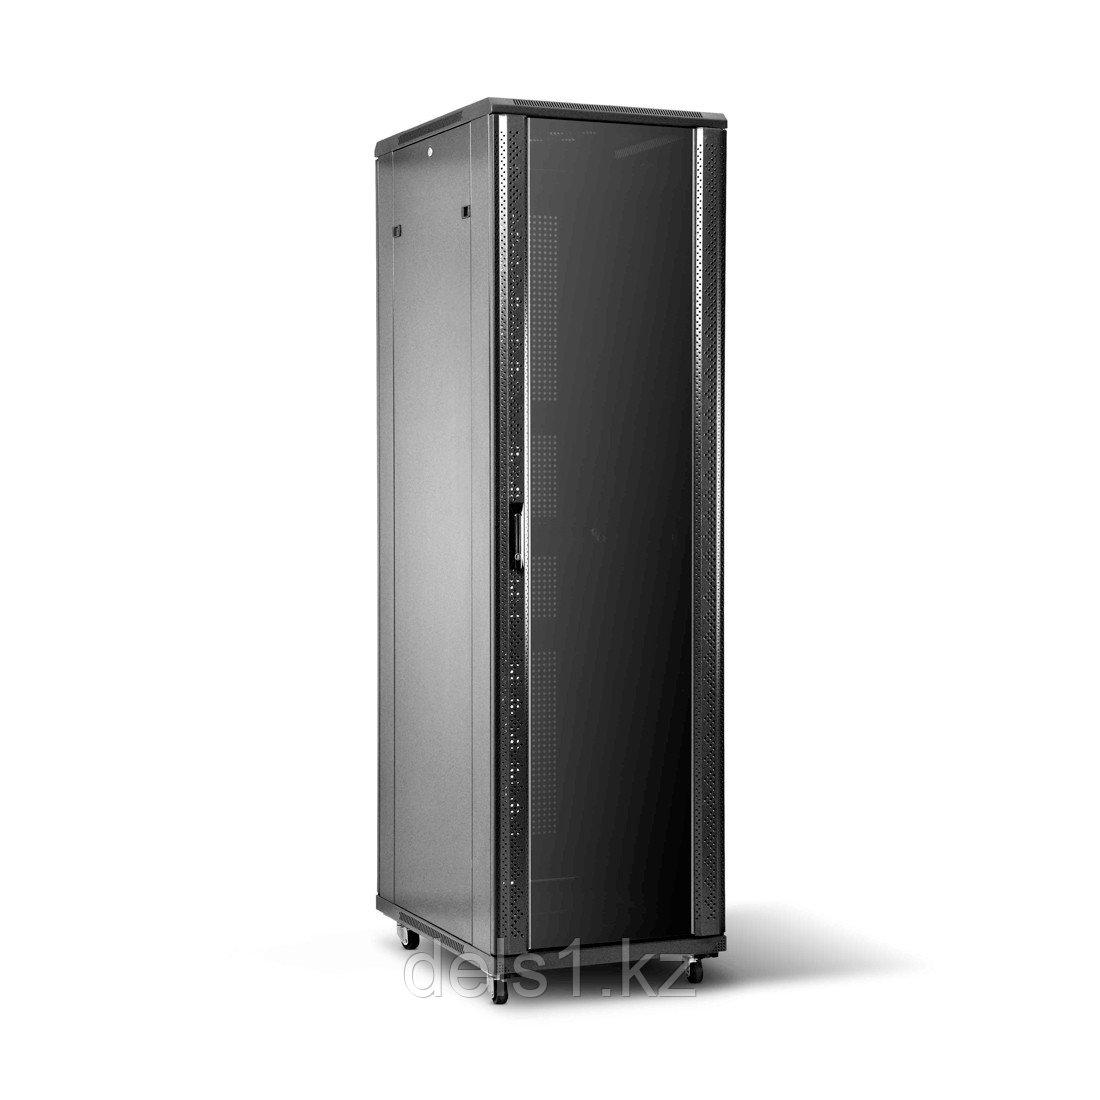 Шкаф серверный напольный SHIP 601S.6024.24.100 24U 600*1000*1200 мм